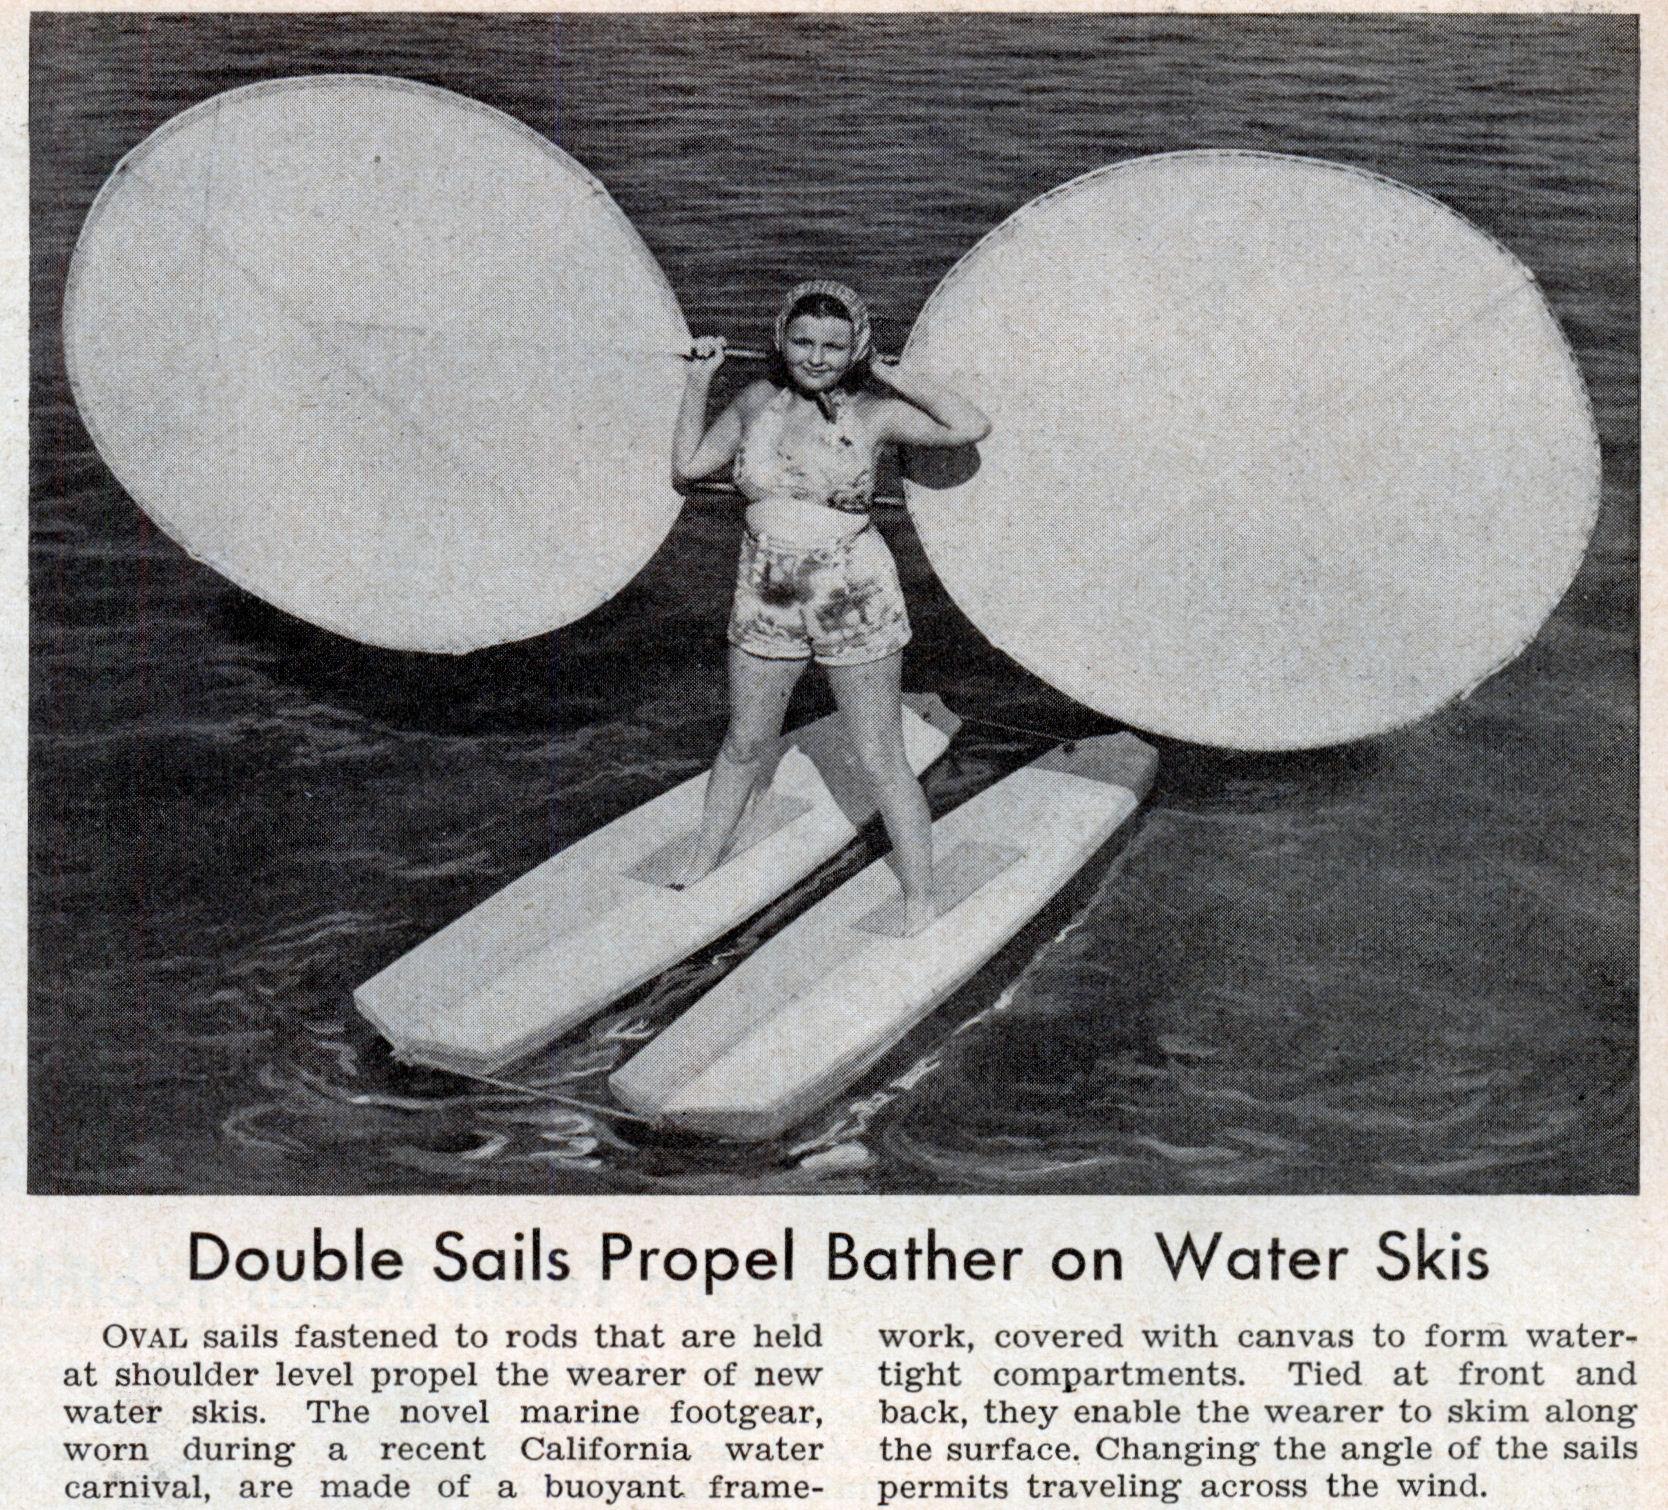 sail_skis.jpg